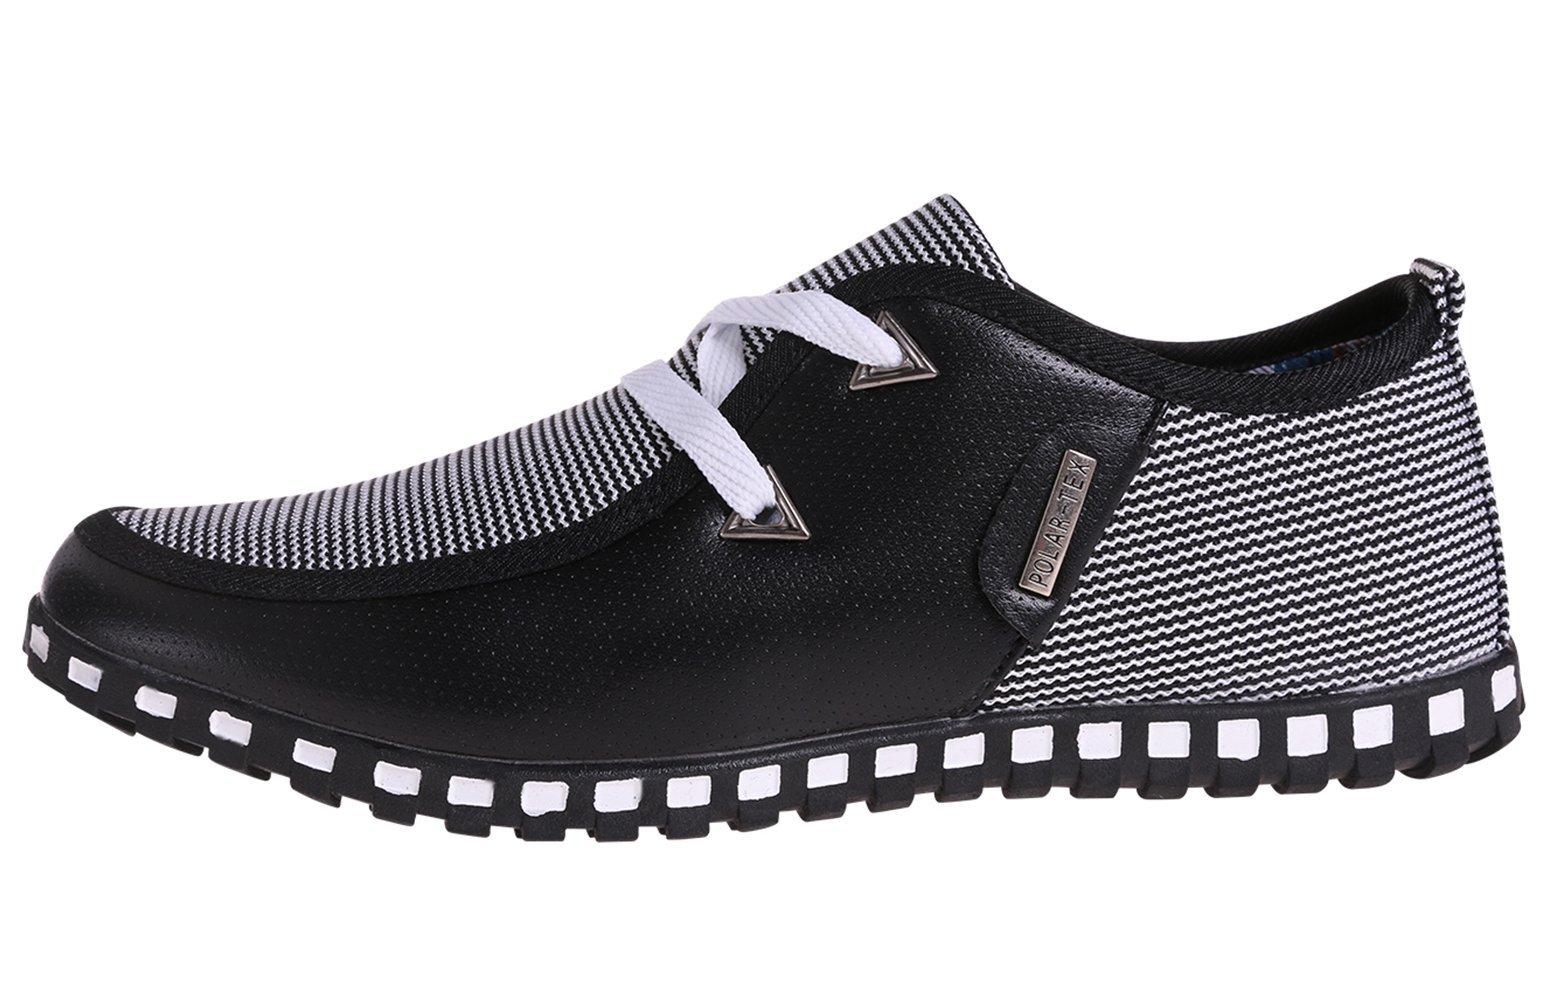 The Men's Casual Shoes Black 11 D(M) US